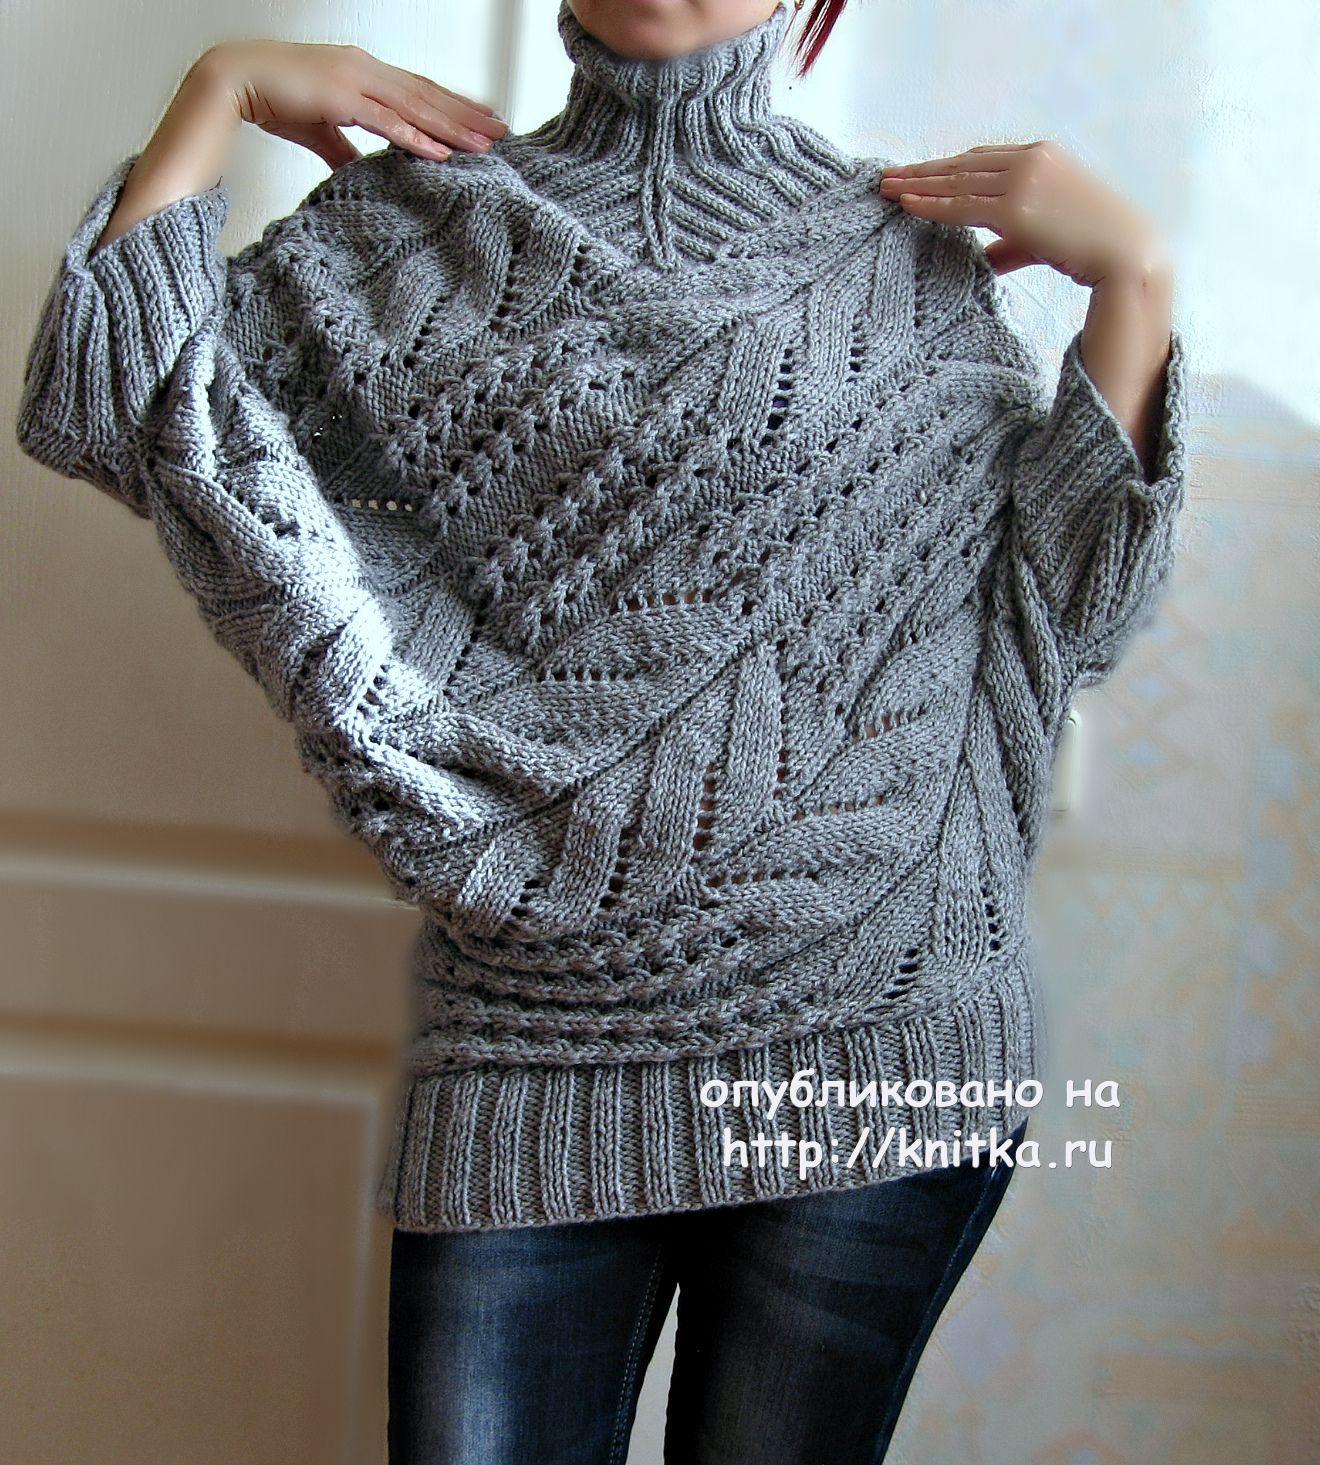 Ручное вязание спицами кофты для